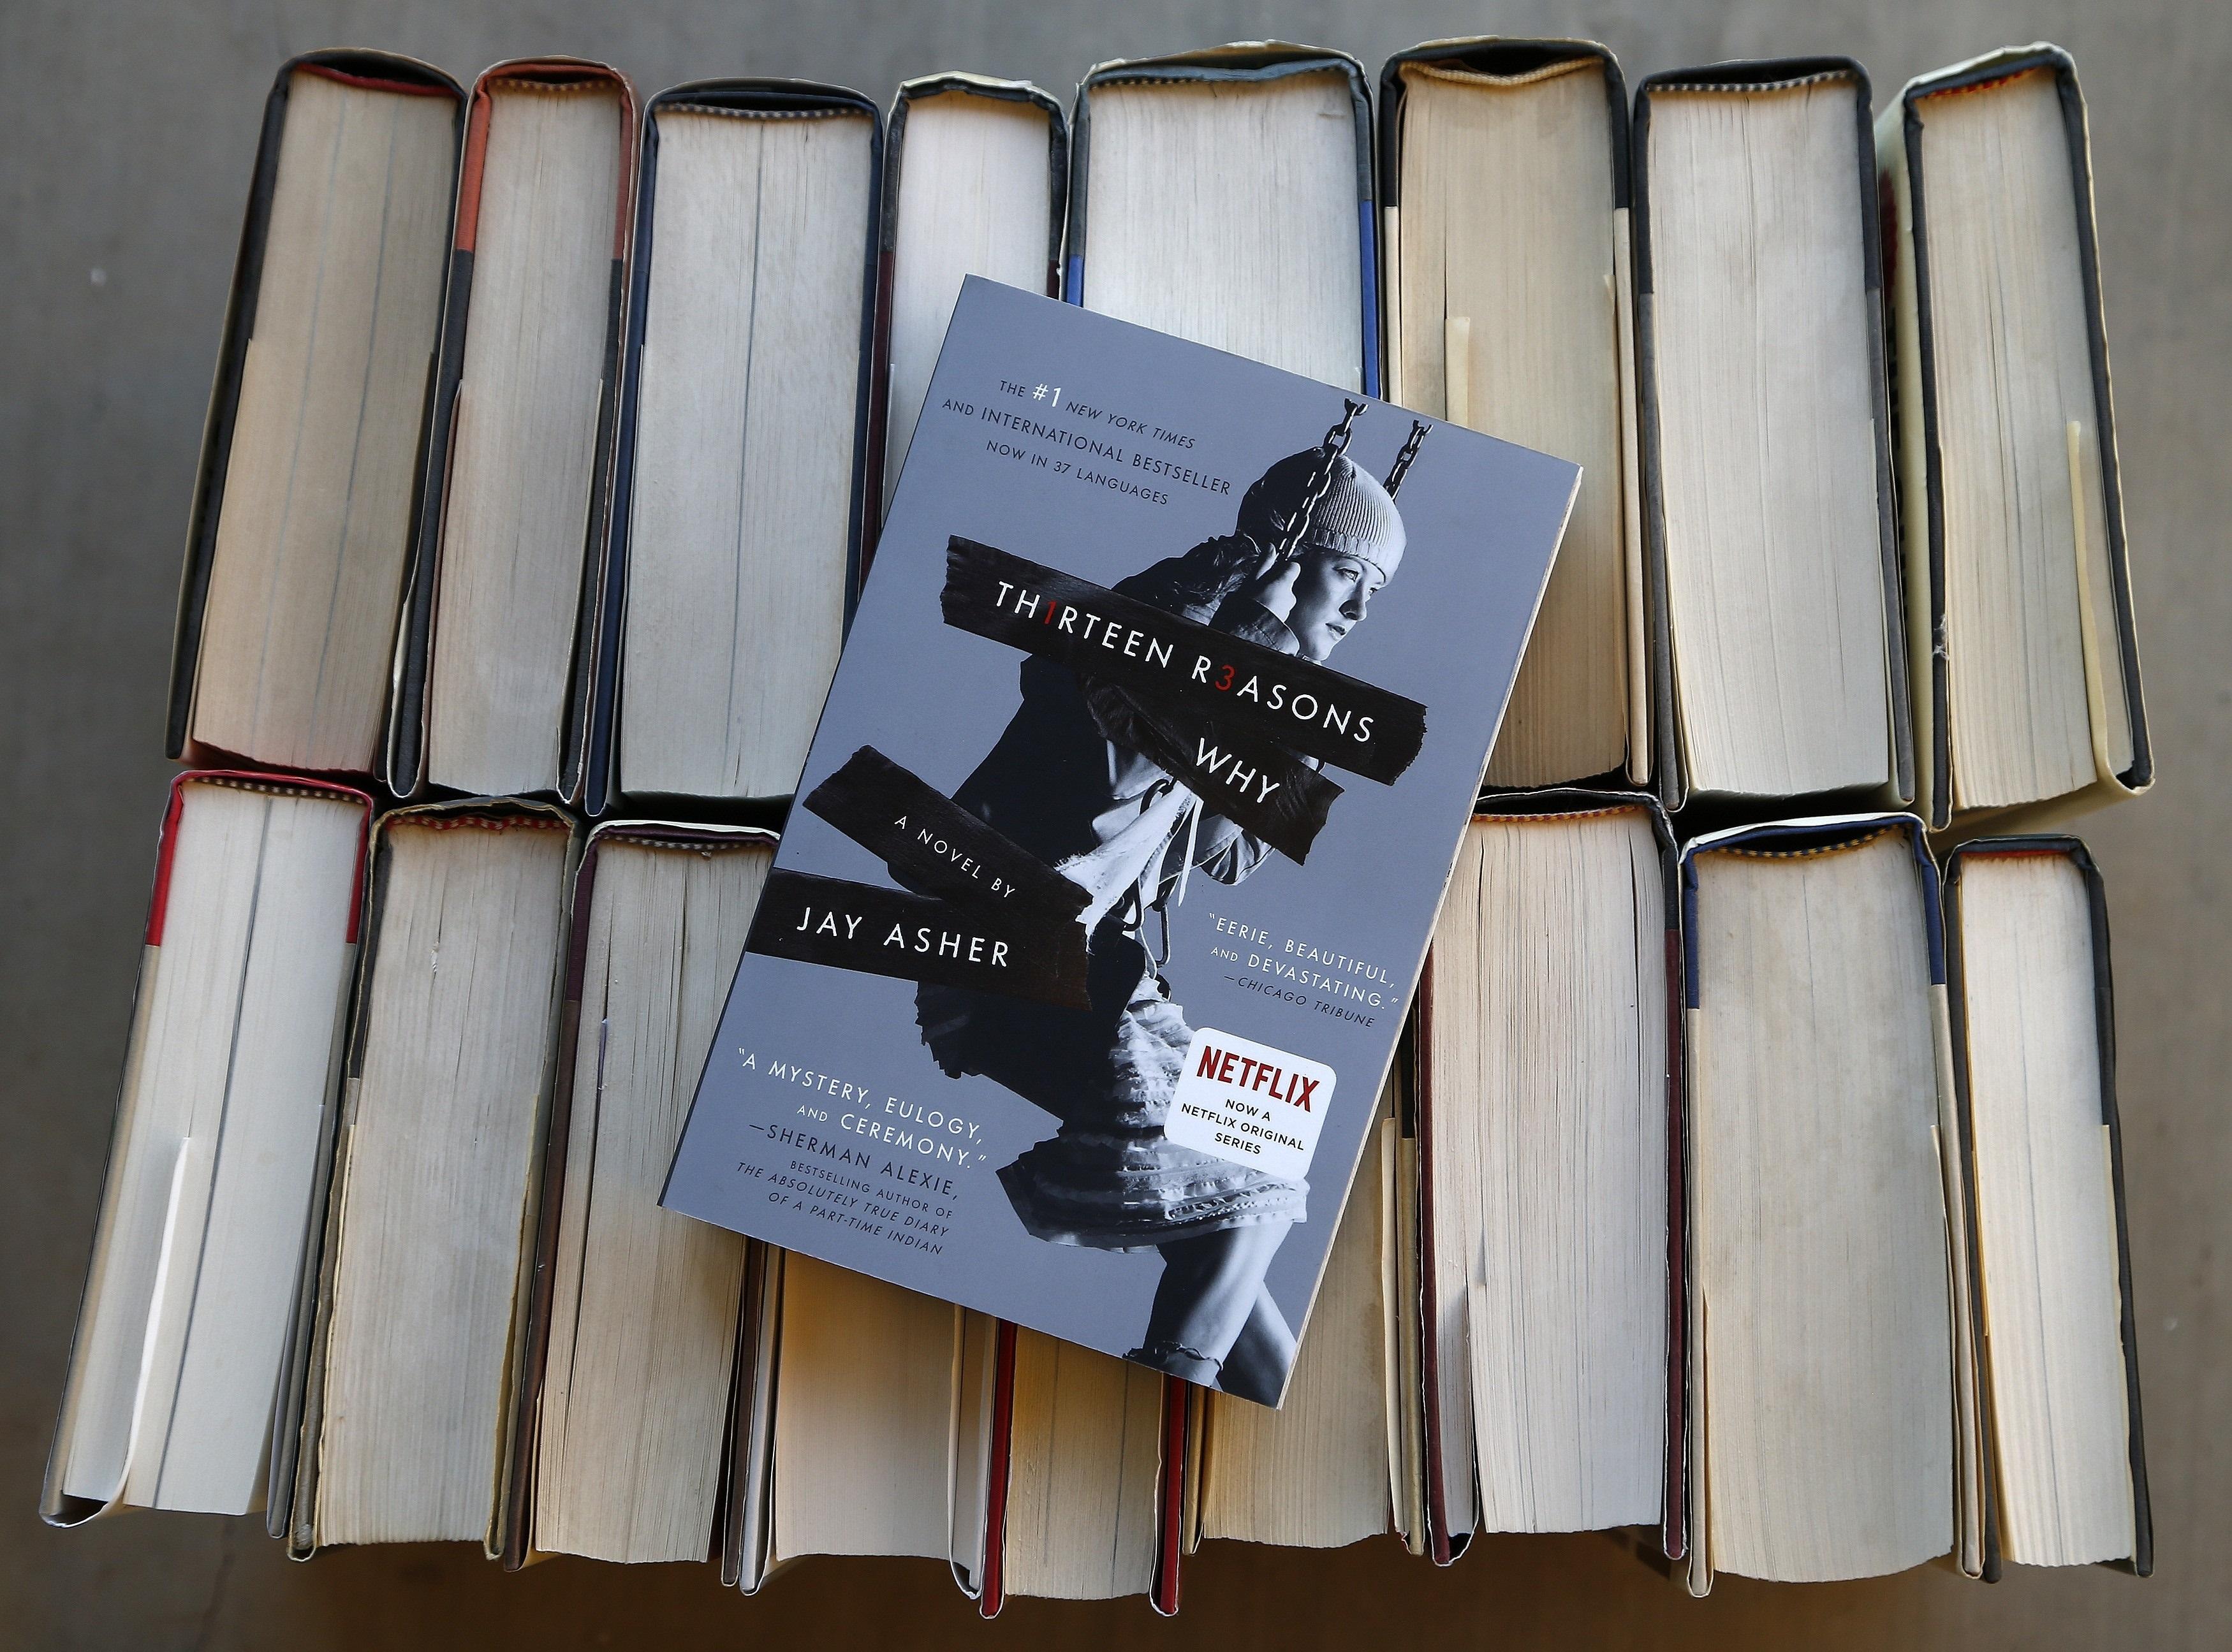 圖為知名電視劇「漢娜的遺言」2007年出版的同名原著小說。(美聯社)